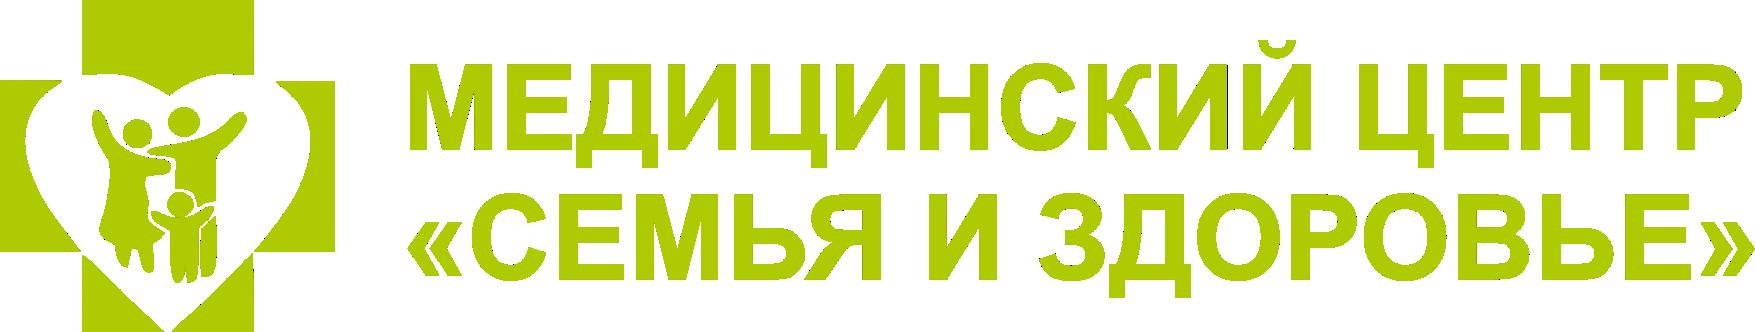 """Медицинский центр """"СЕМЬЯ И ЗДОРОВЬЕ"""" в Светлогорске"""